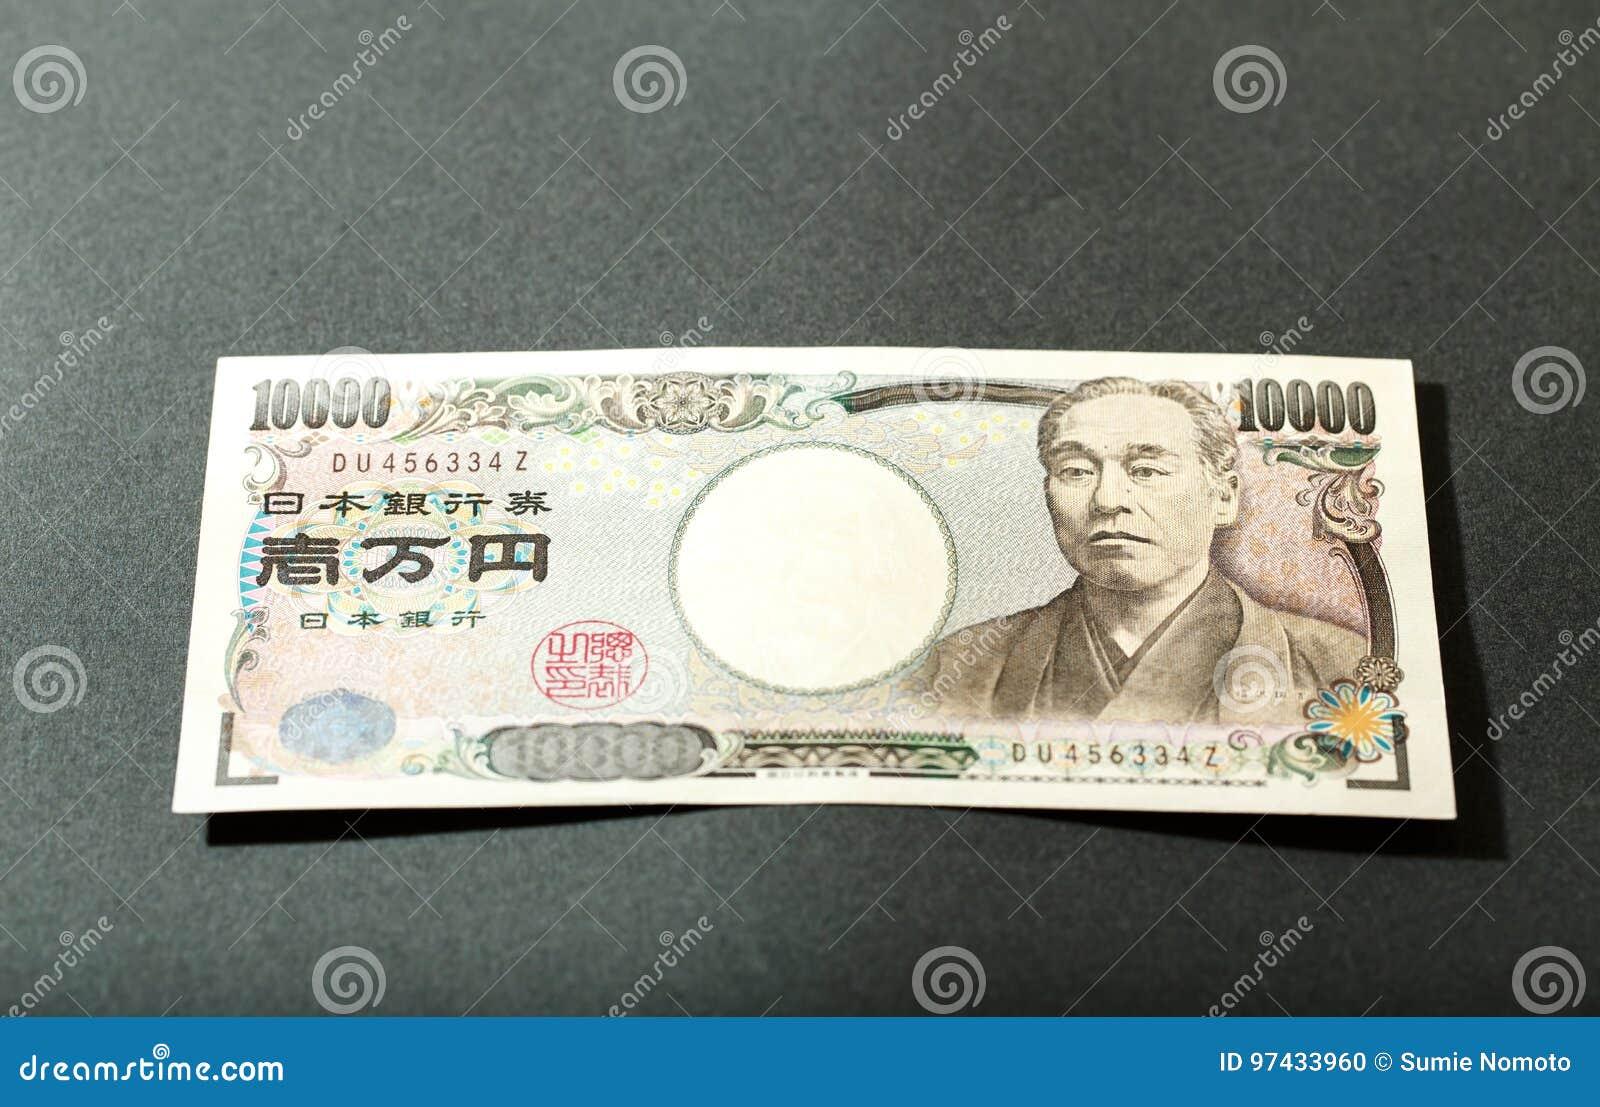 Japans bankbiljet 10000 Yen